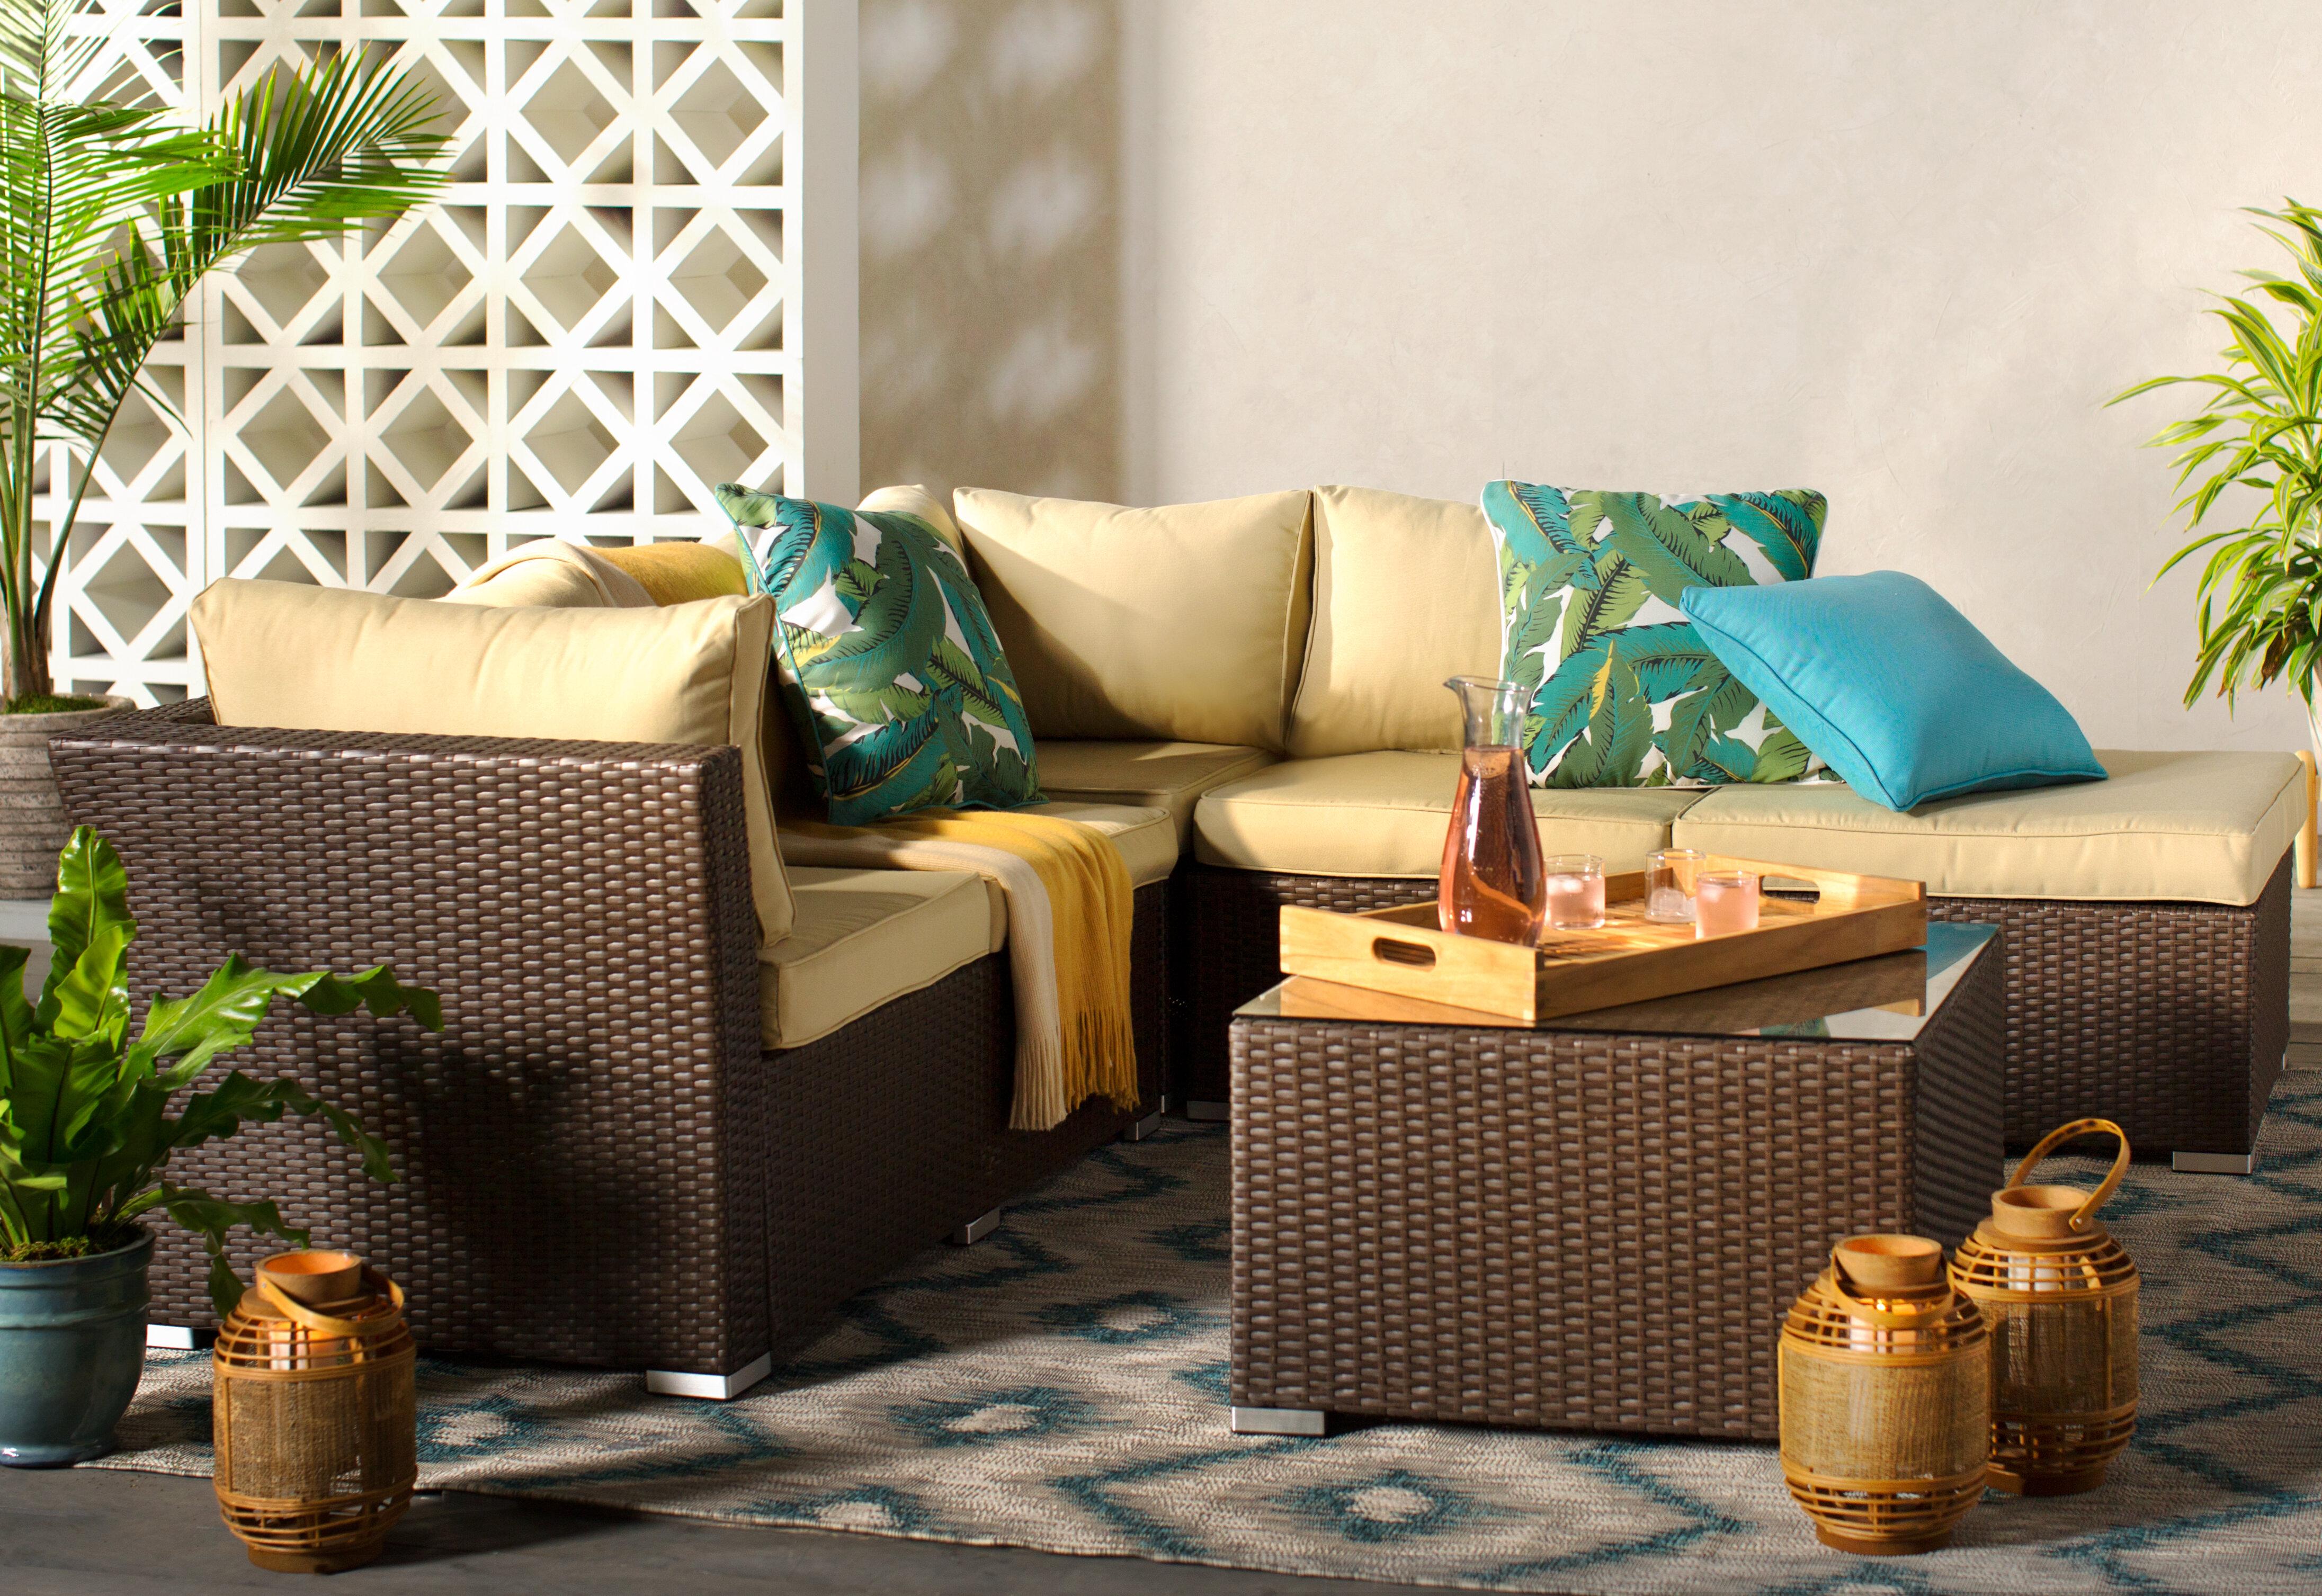 deck idea featuring a wicker outdoor conversation set